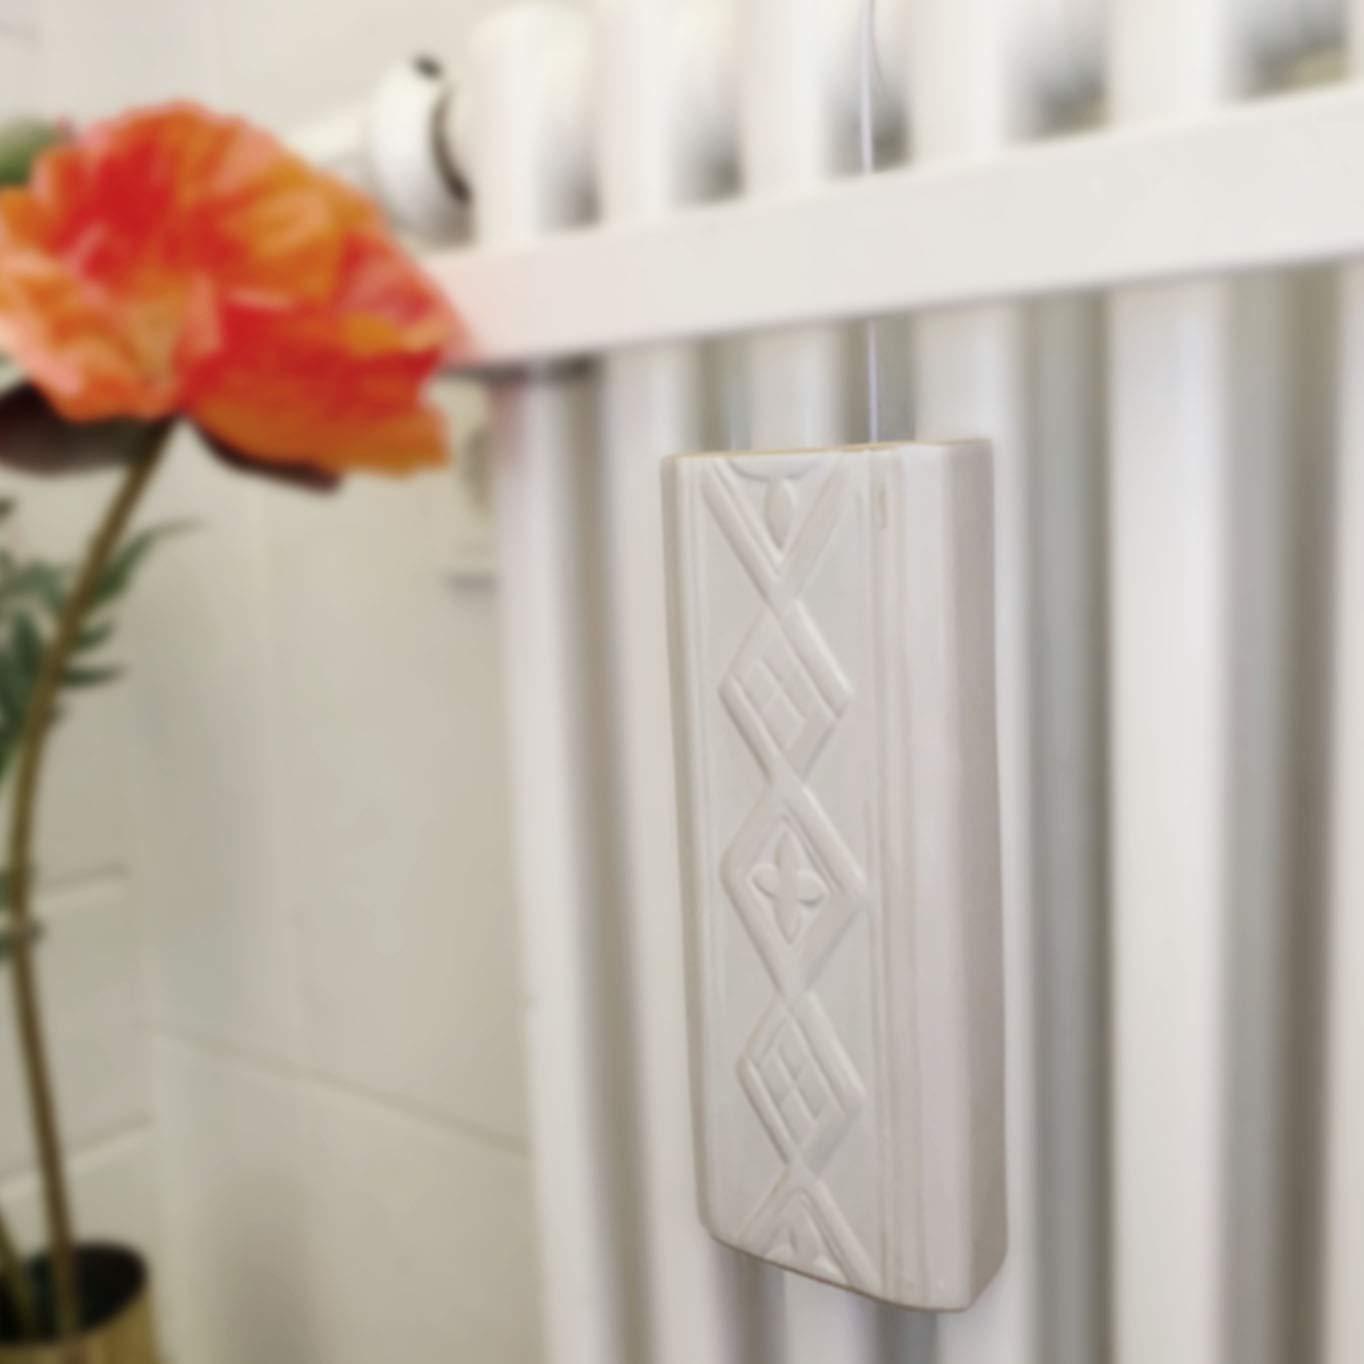 Humidificador de 4 piezas de cer/ámica RELIEF para radiadores acanalados para la fijaci/ón al radiador de calefacci/ón difusor de agua a1666